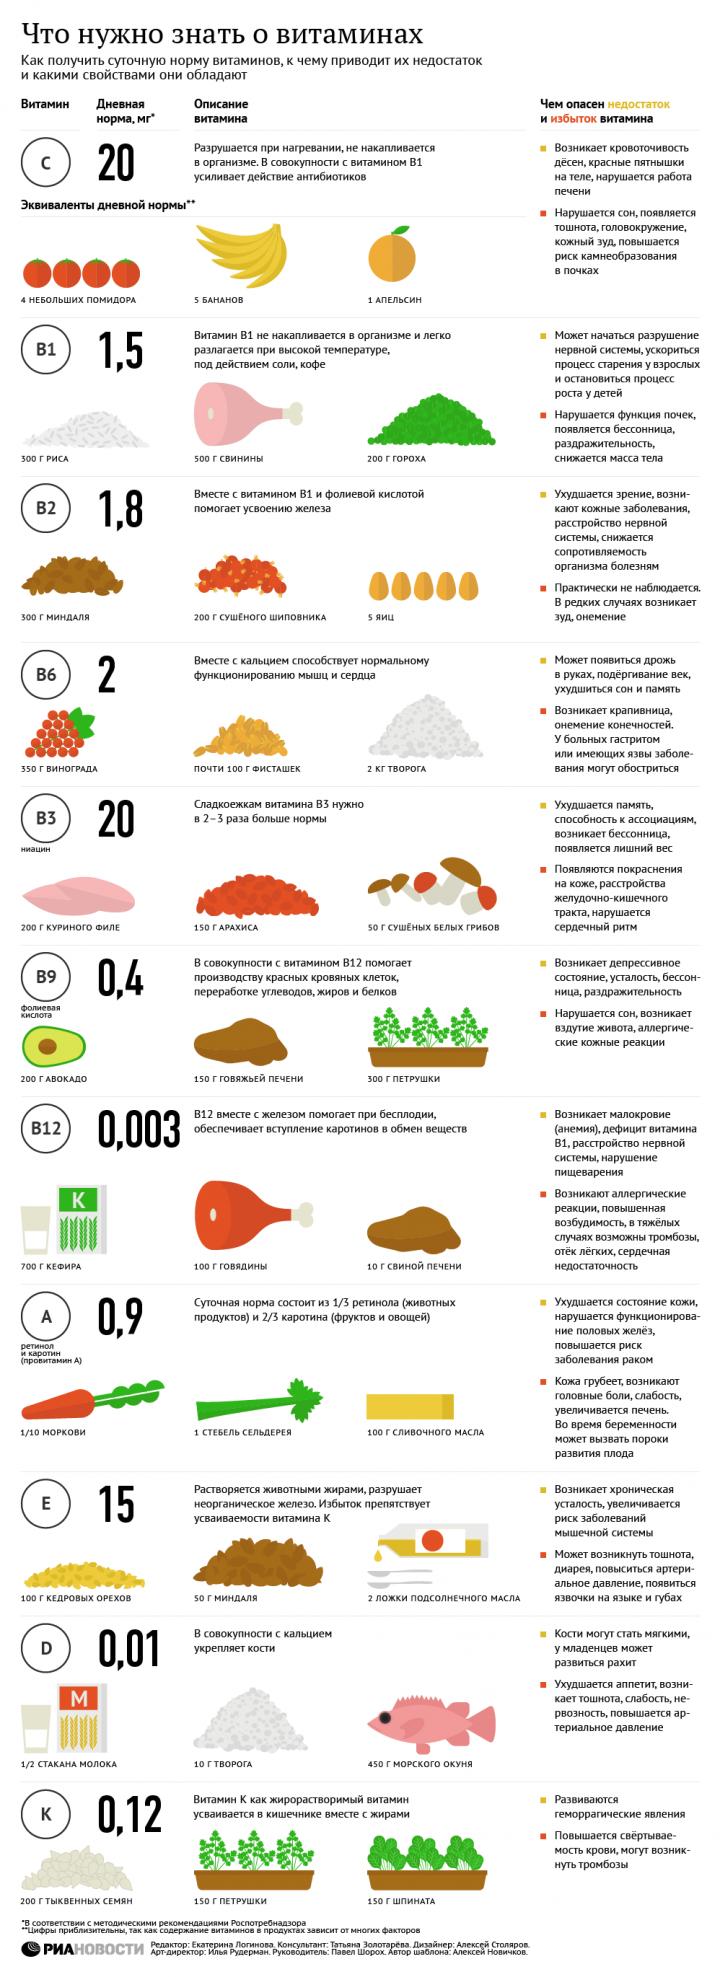 Суточная норма витаминов. Их избыток и недостаток — последствия